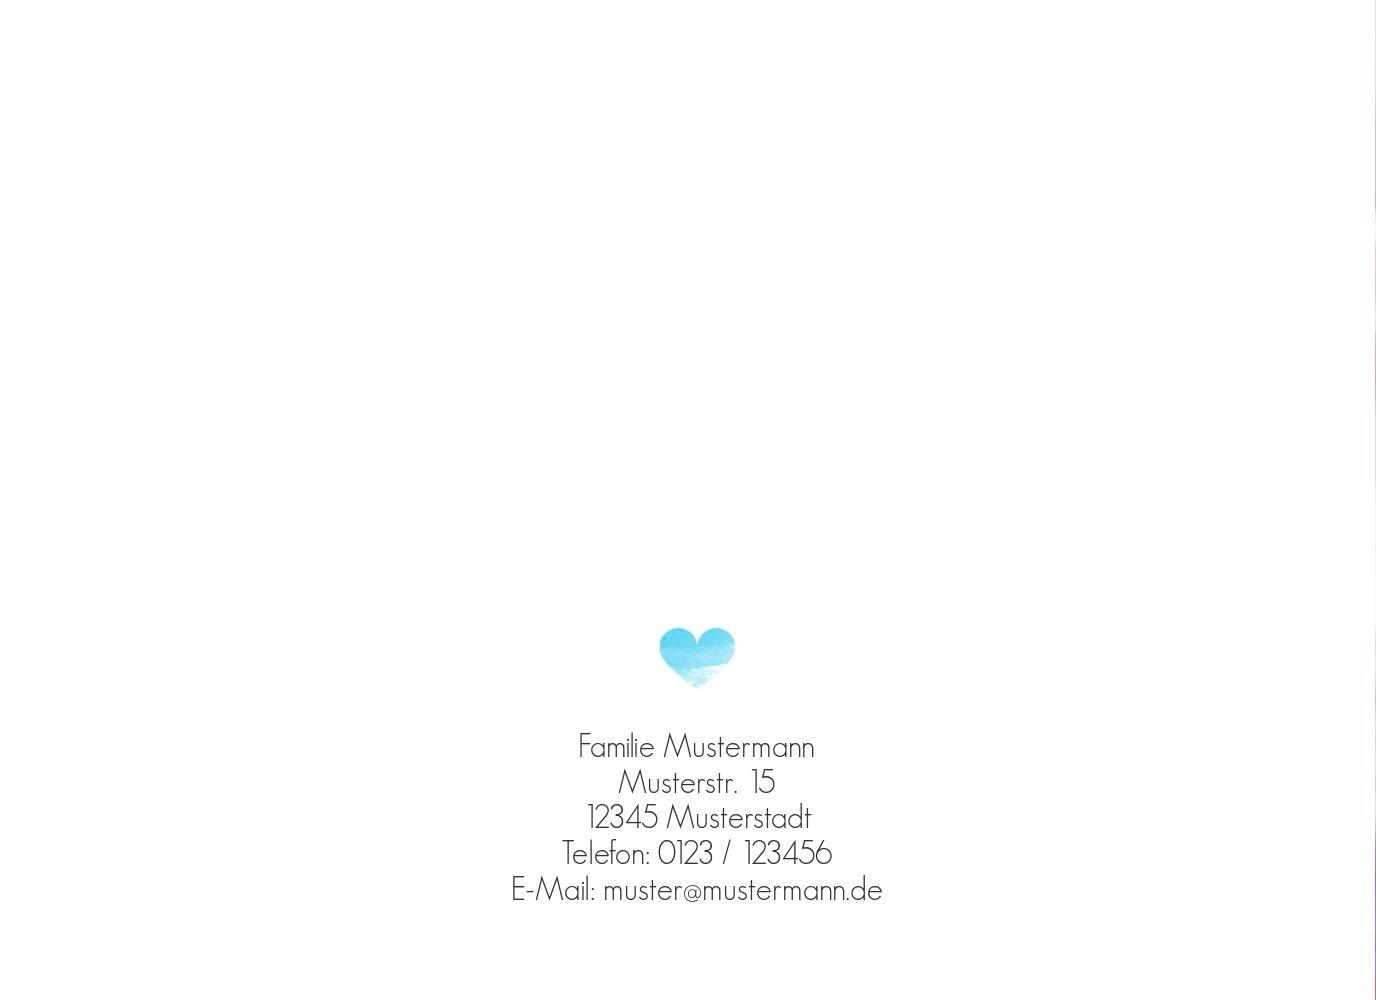 Kartenparadies Geburtskarte Babykarte Aquarell, Aquarell, Aquarell, hochwertige Babykarte zur Geburt inklusive Umschläge   10 Karten - (Format  148x105 mm) Farbe  Hellblauleuchtend B01MZFPWMY | Zuverlässige Leistung  | Deutschland Shop  | Feine Verarbeitung  529d36